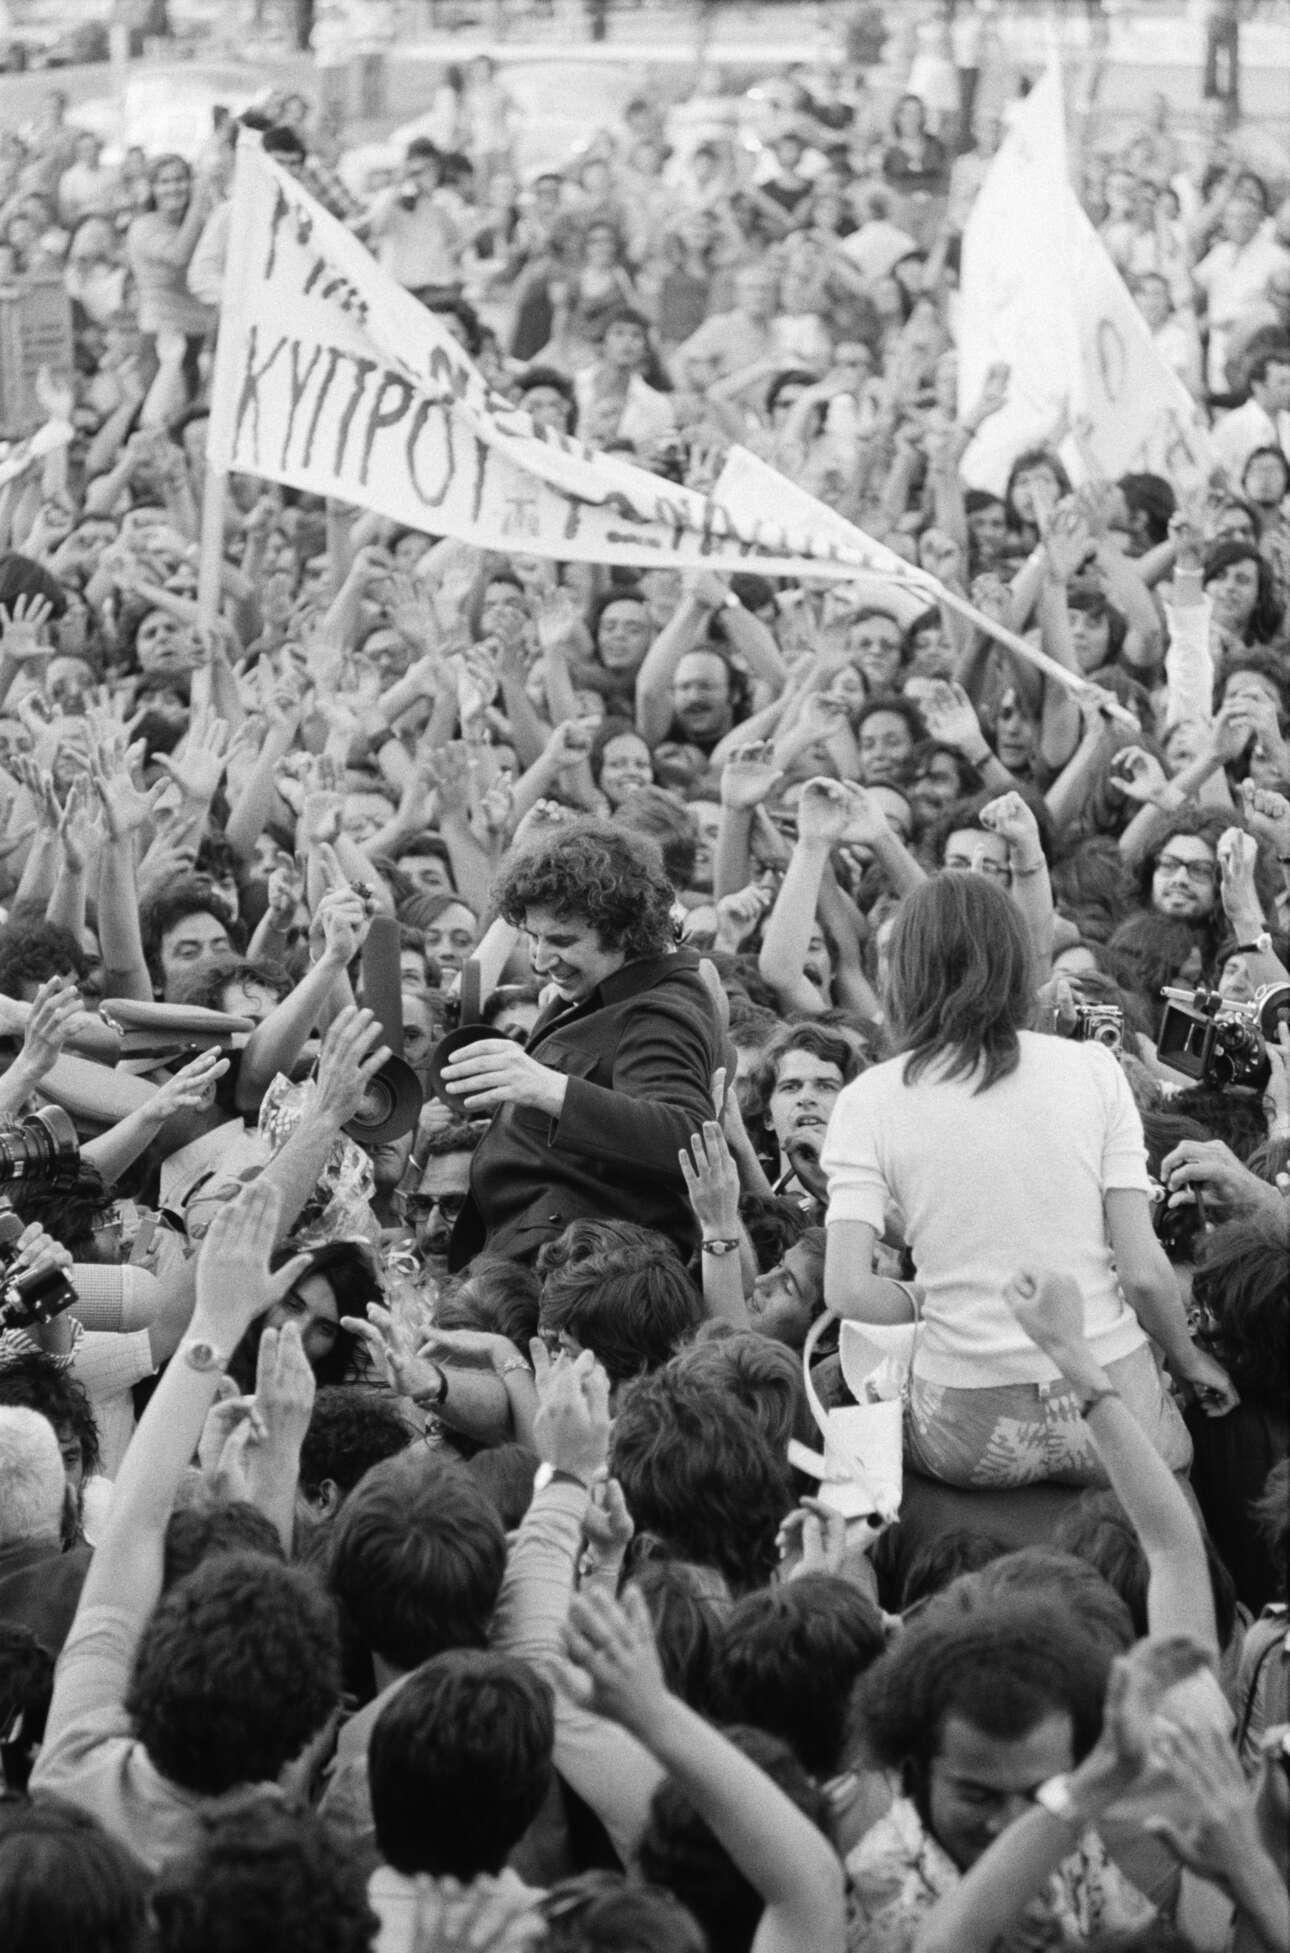 Ιούλιος του 1974, ο Μίκης υψώνεται στα χέρια του λαού που έχει σπεύσει στο αεροδρόμιο για να τον καλωσορίσει